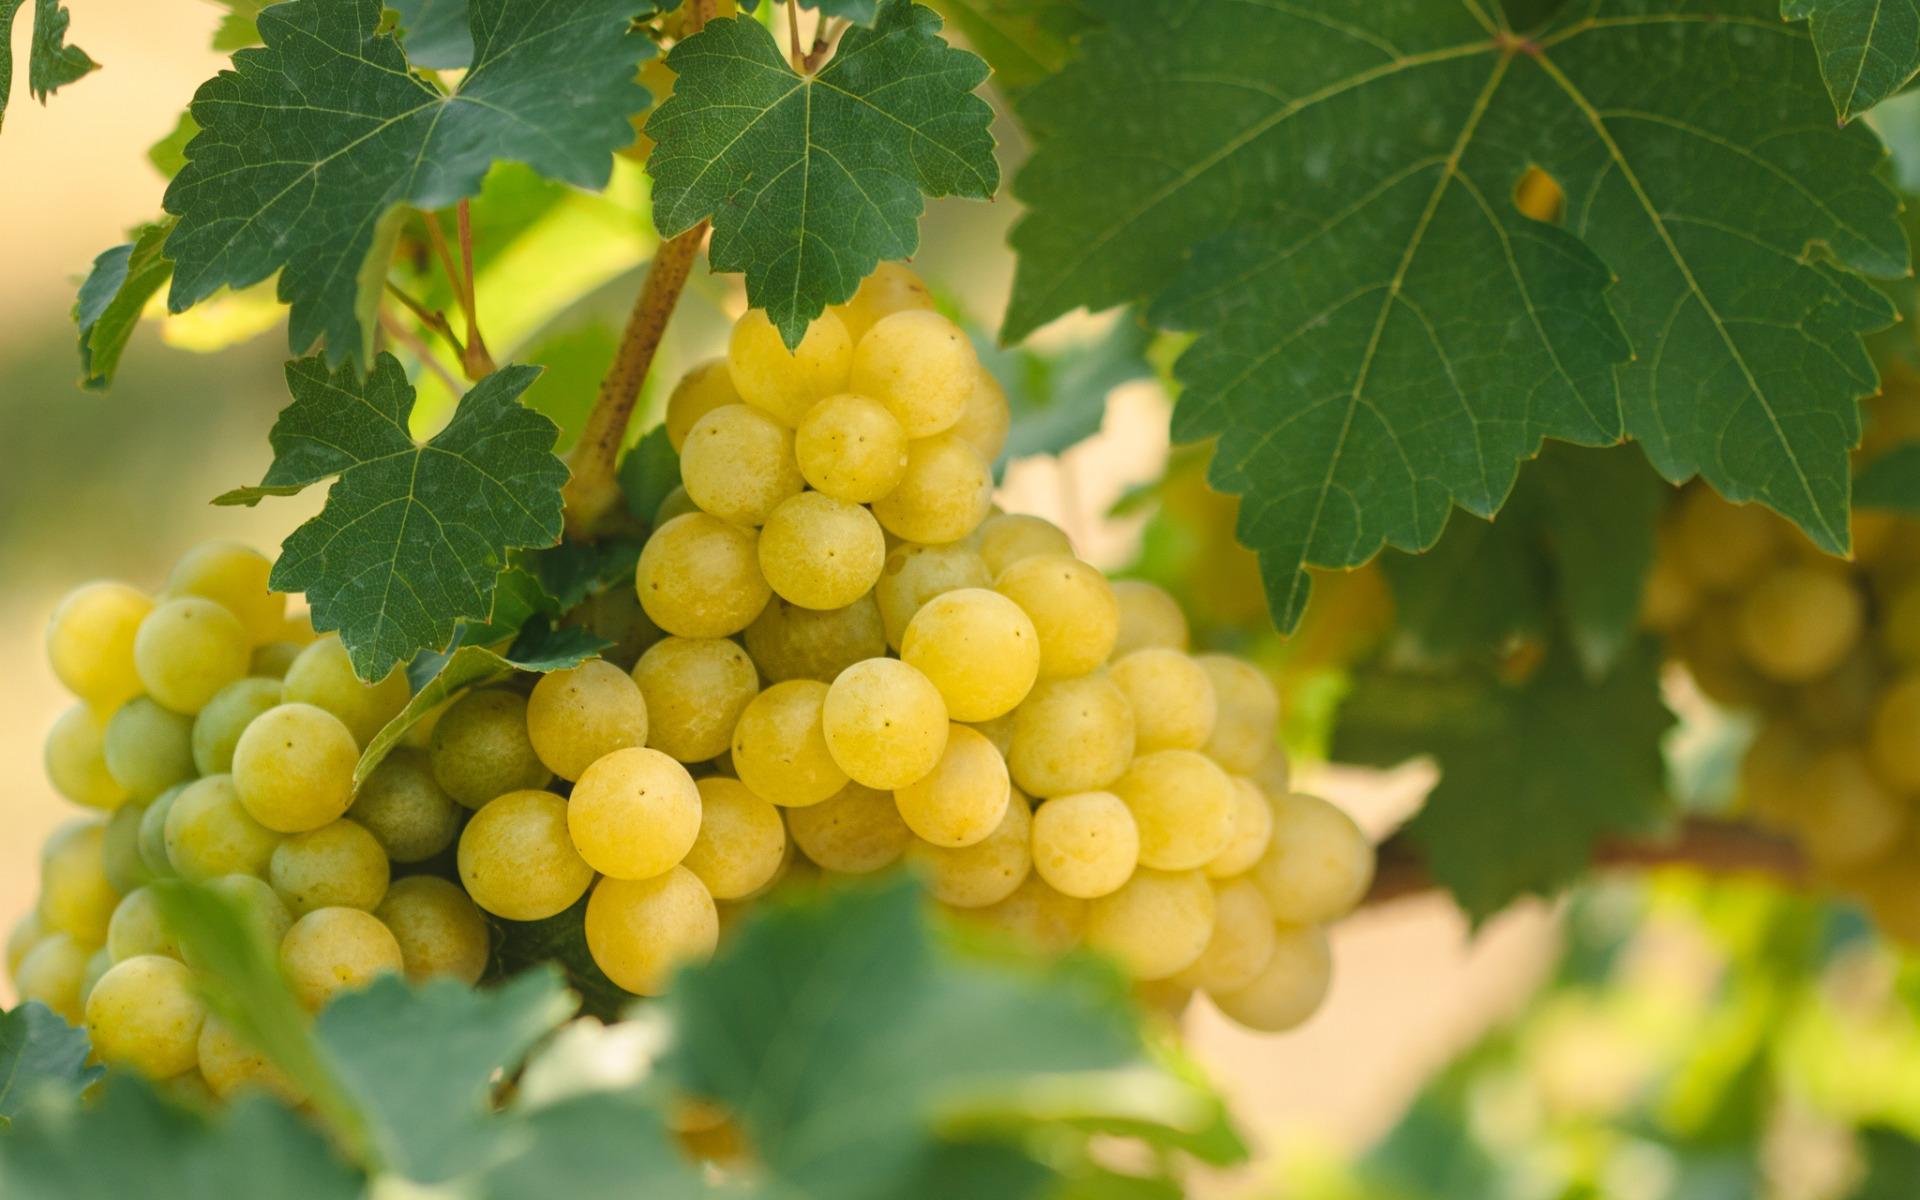 пара картинки куст винограда было